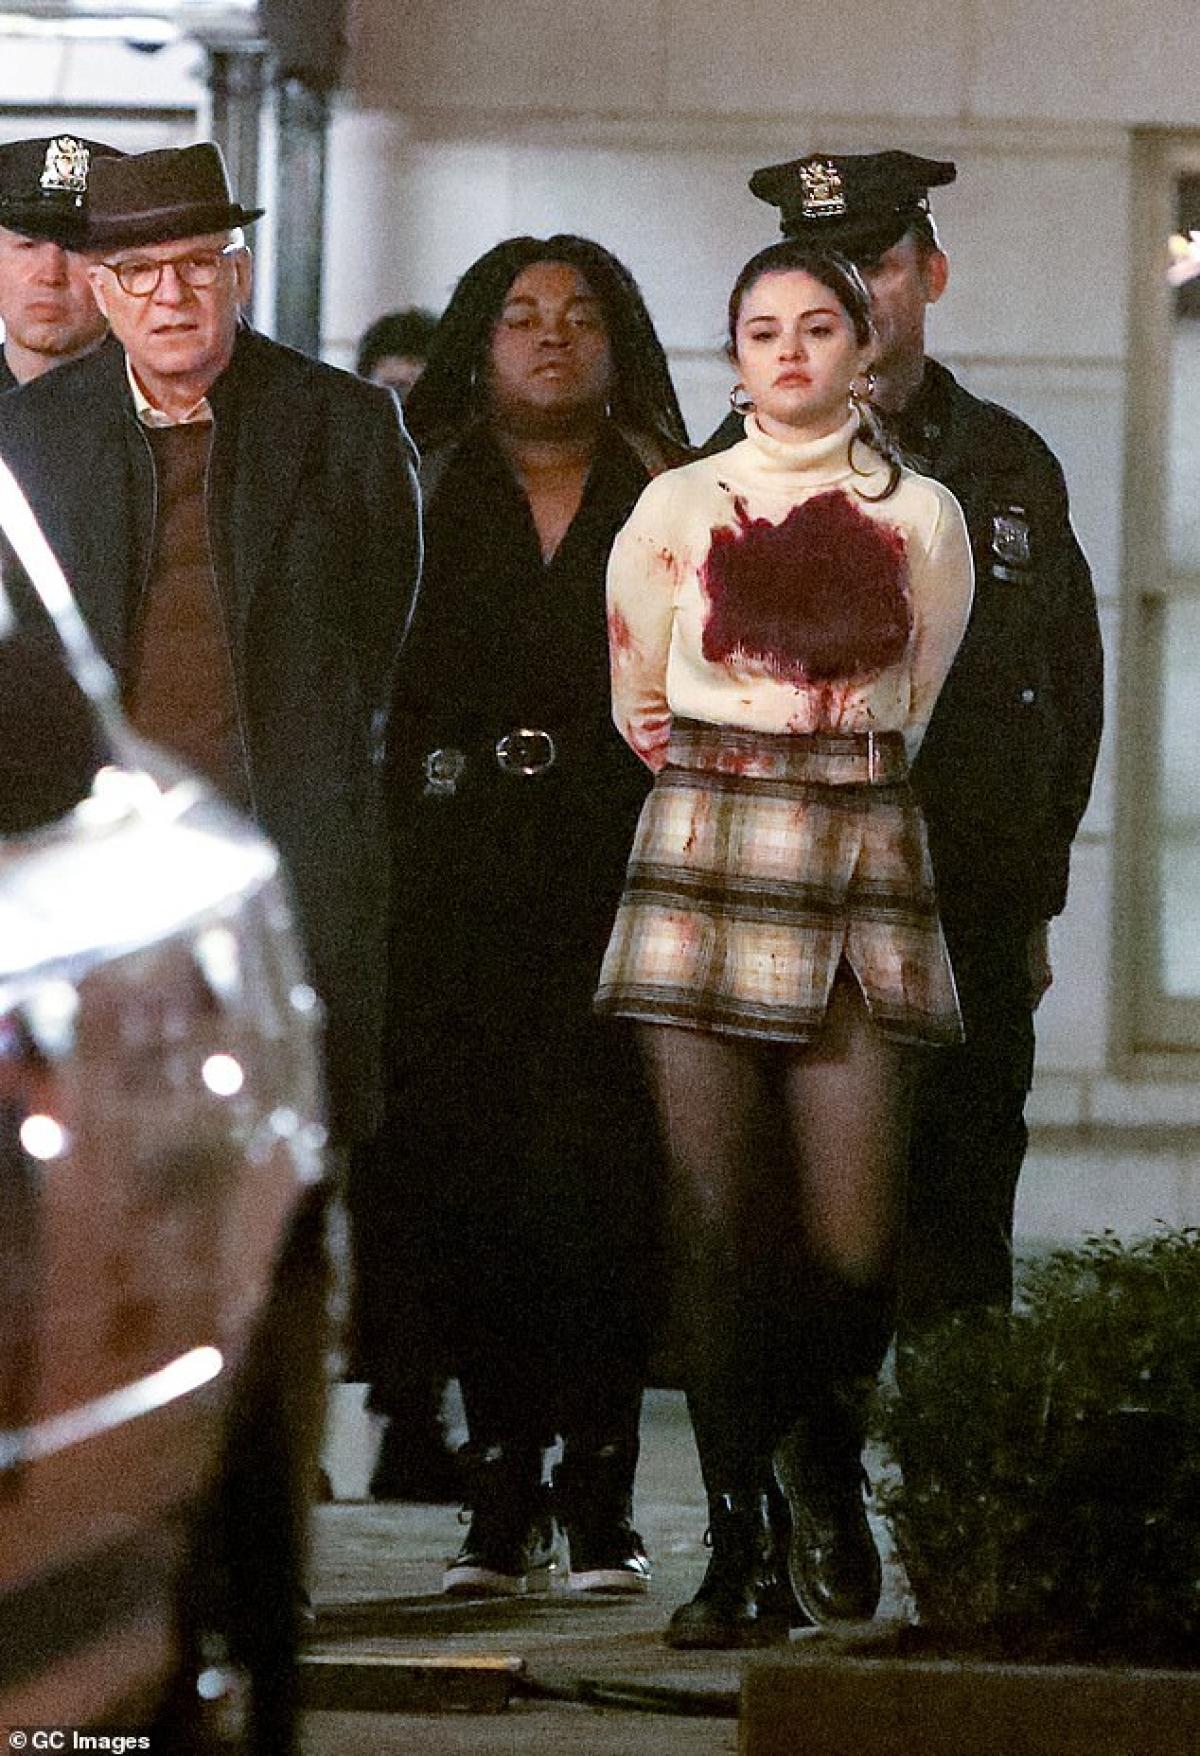 """Trước đó, loạt ảnh chụp Selena Gomez mặc áo dính máu thu hút sự quan tâm của khán giả. Được biết, đó là khoảnh khắc được chụp trong buổi ghi hình """"Only Murders in the Building""""."""